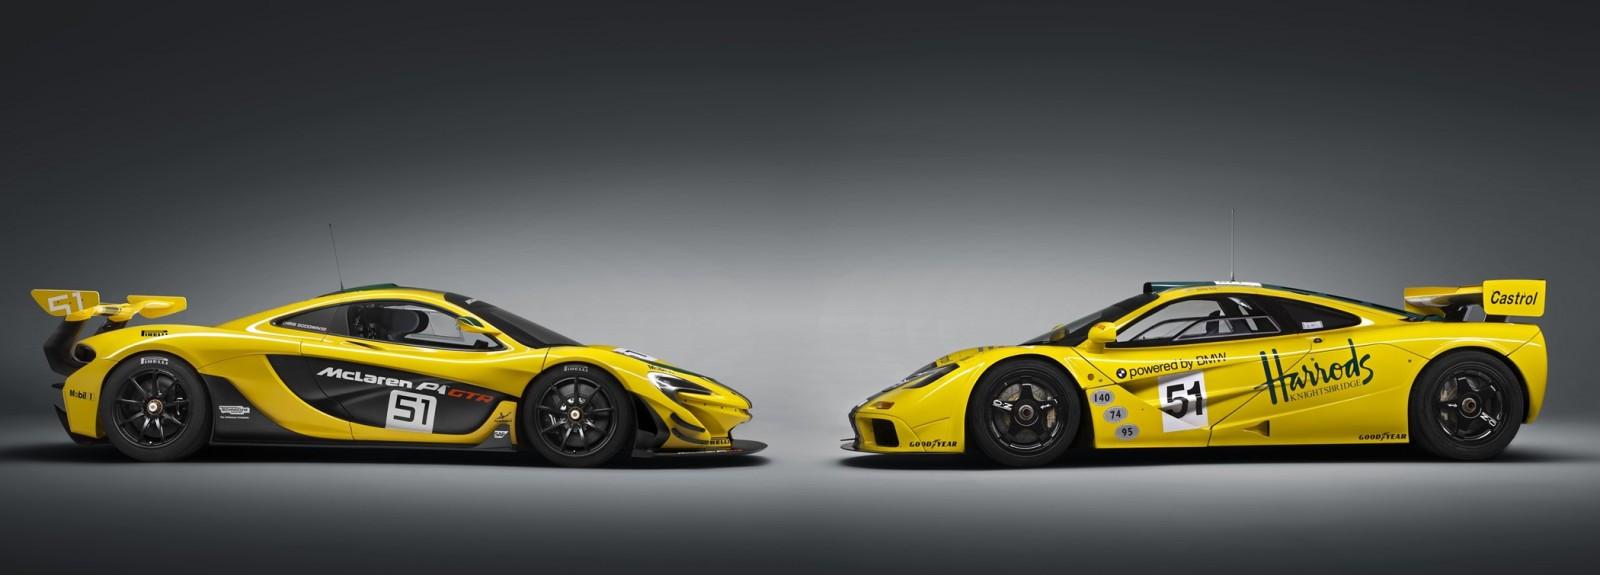 2016 McLaren P1 GTR Yellow 8